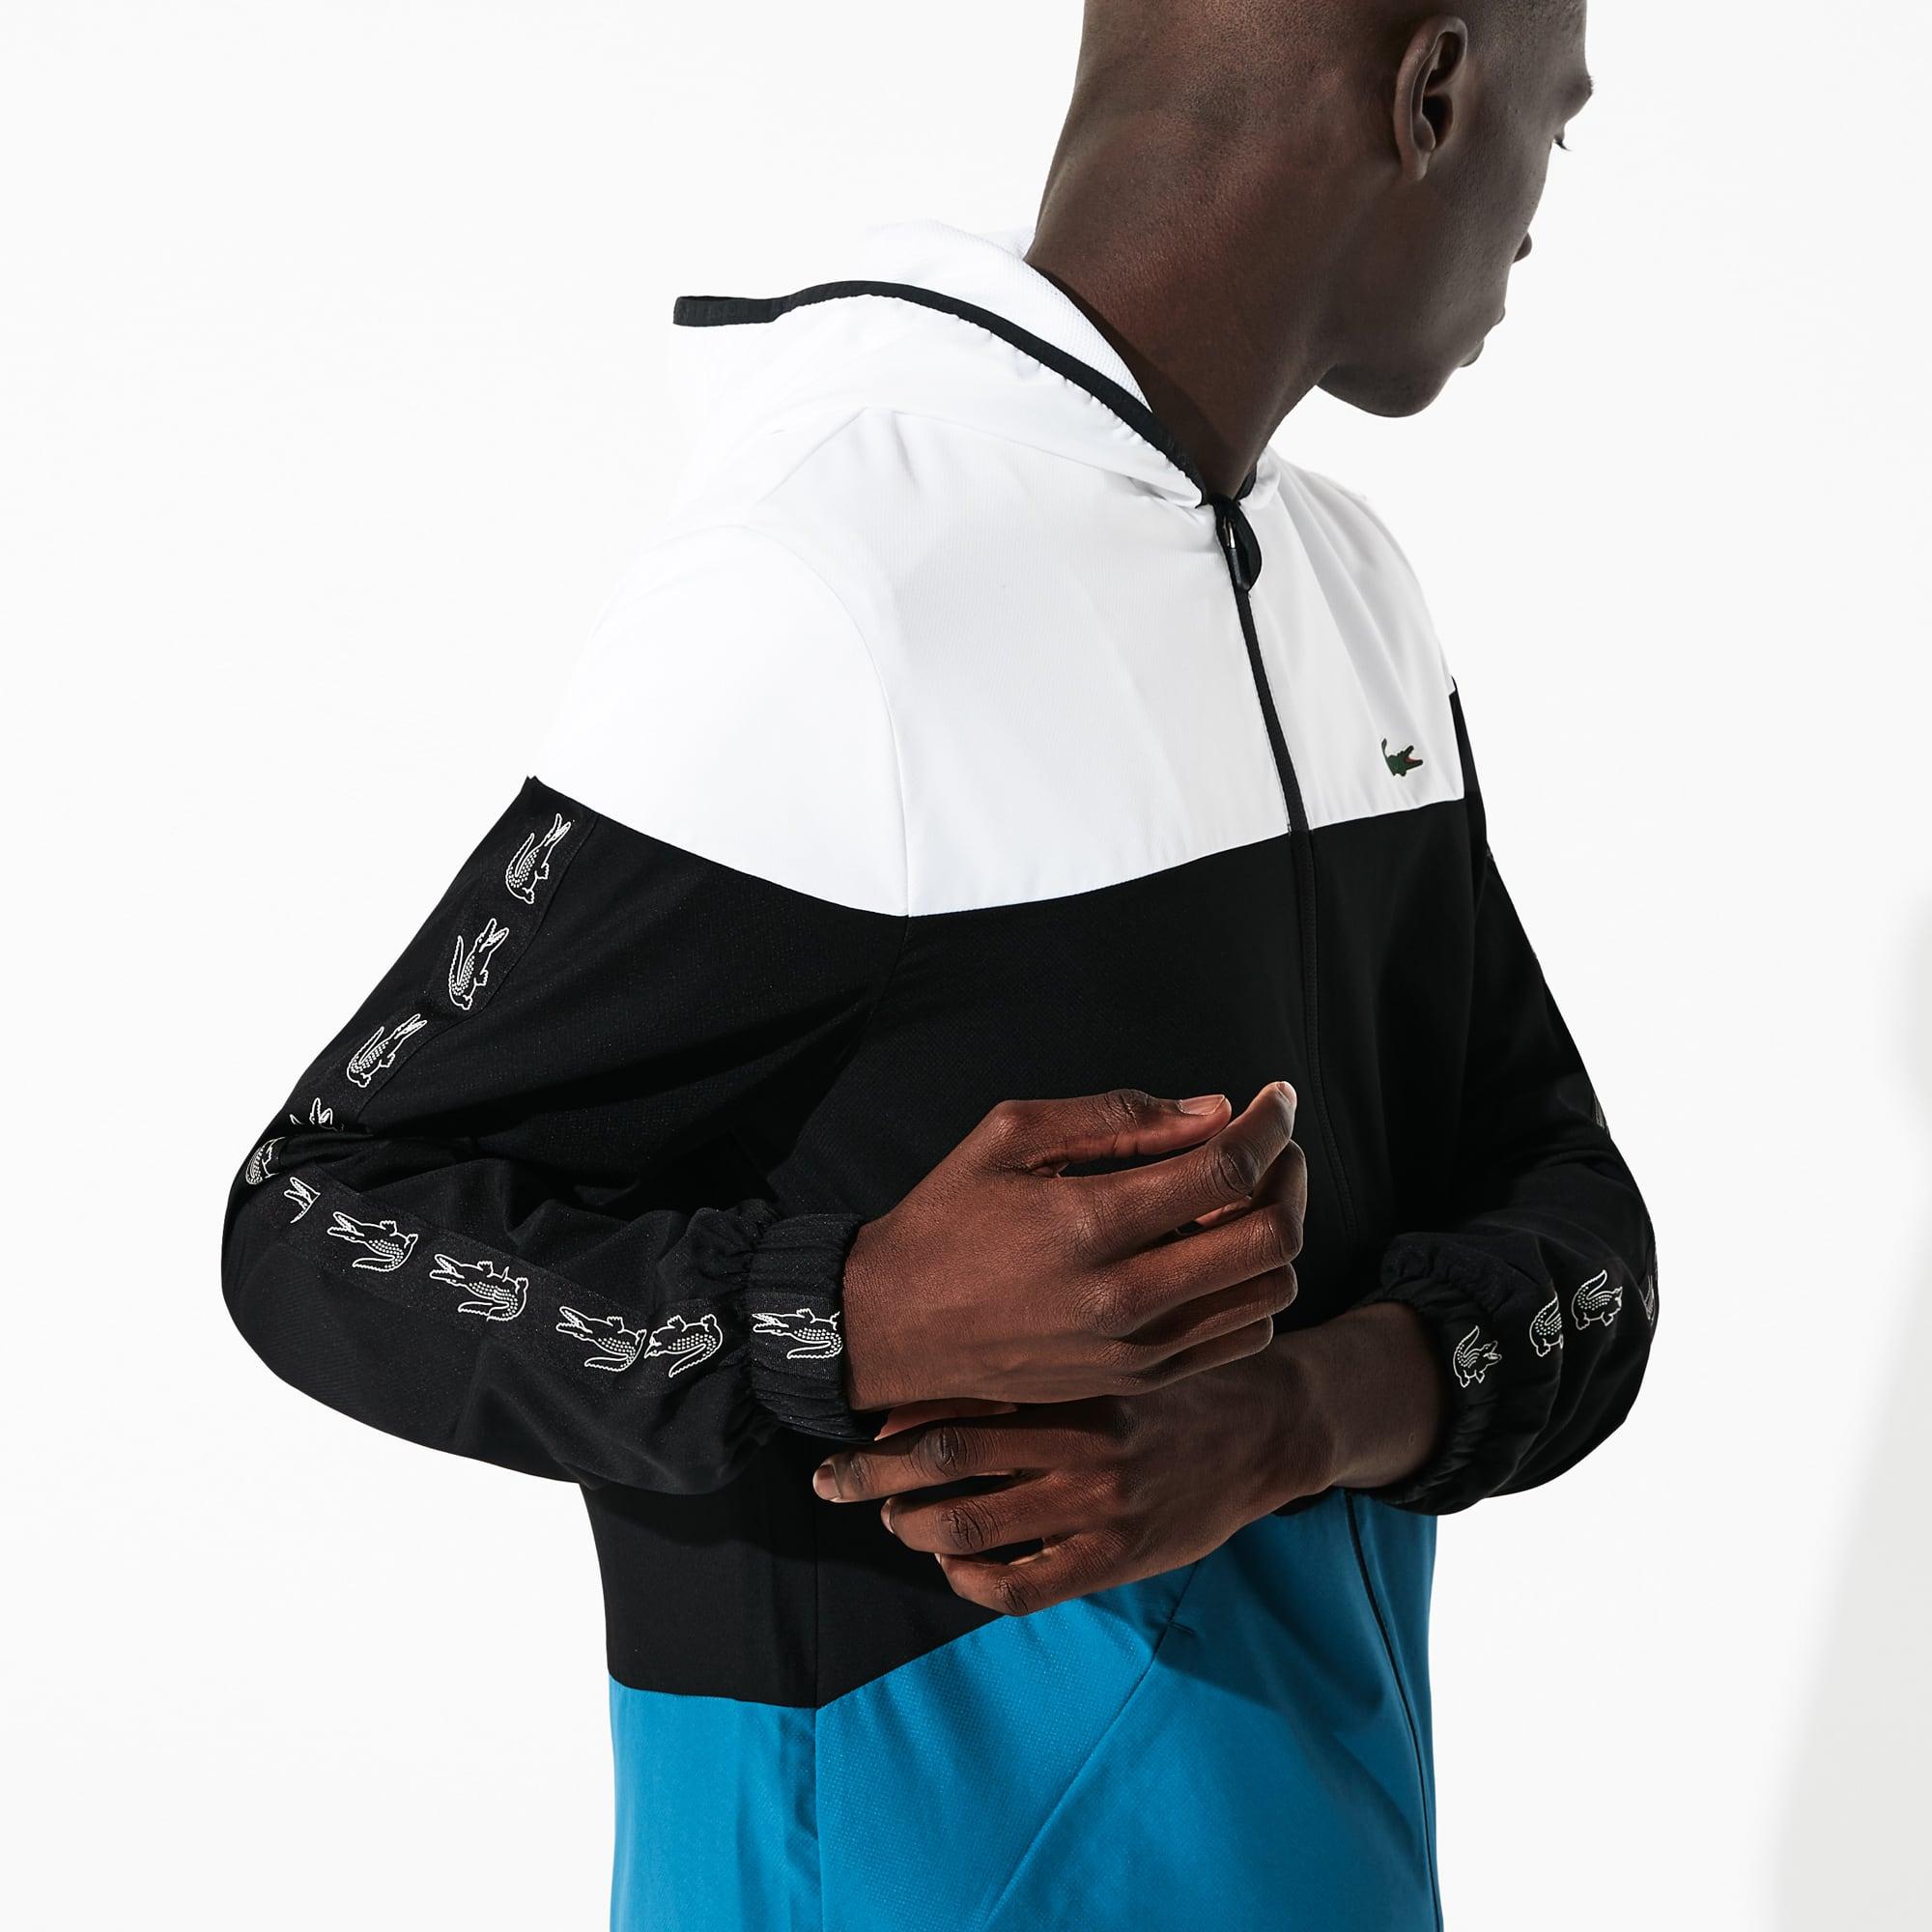 daad42d68876 + 1 color. New. Men s SPORT Colorblock Tennis Jacket